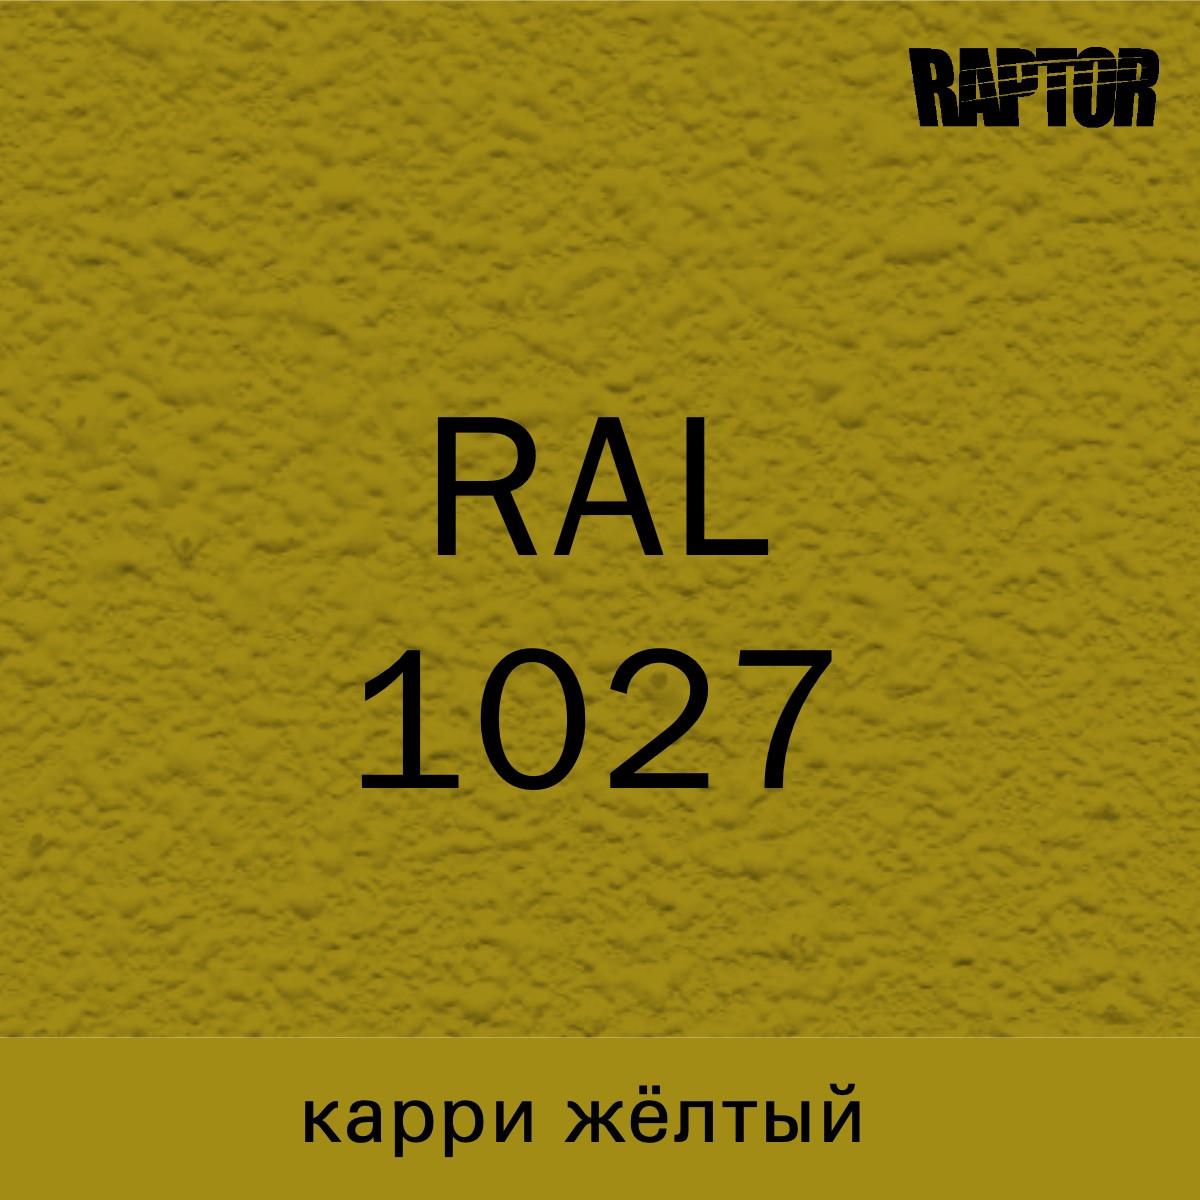 Пигмент для колеровки покрытия RAPTOR™ Карри жёлтый (RAL 1027)